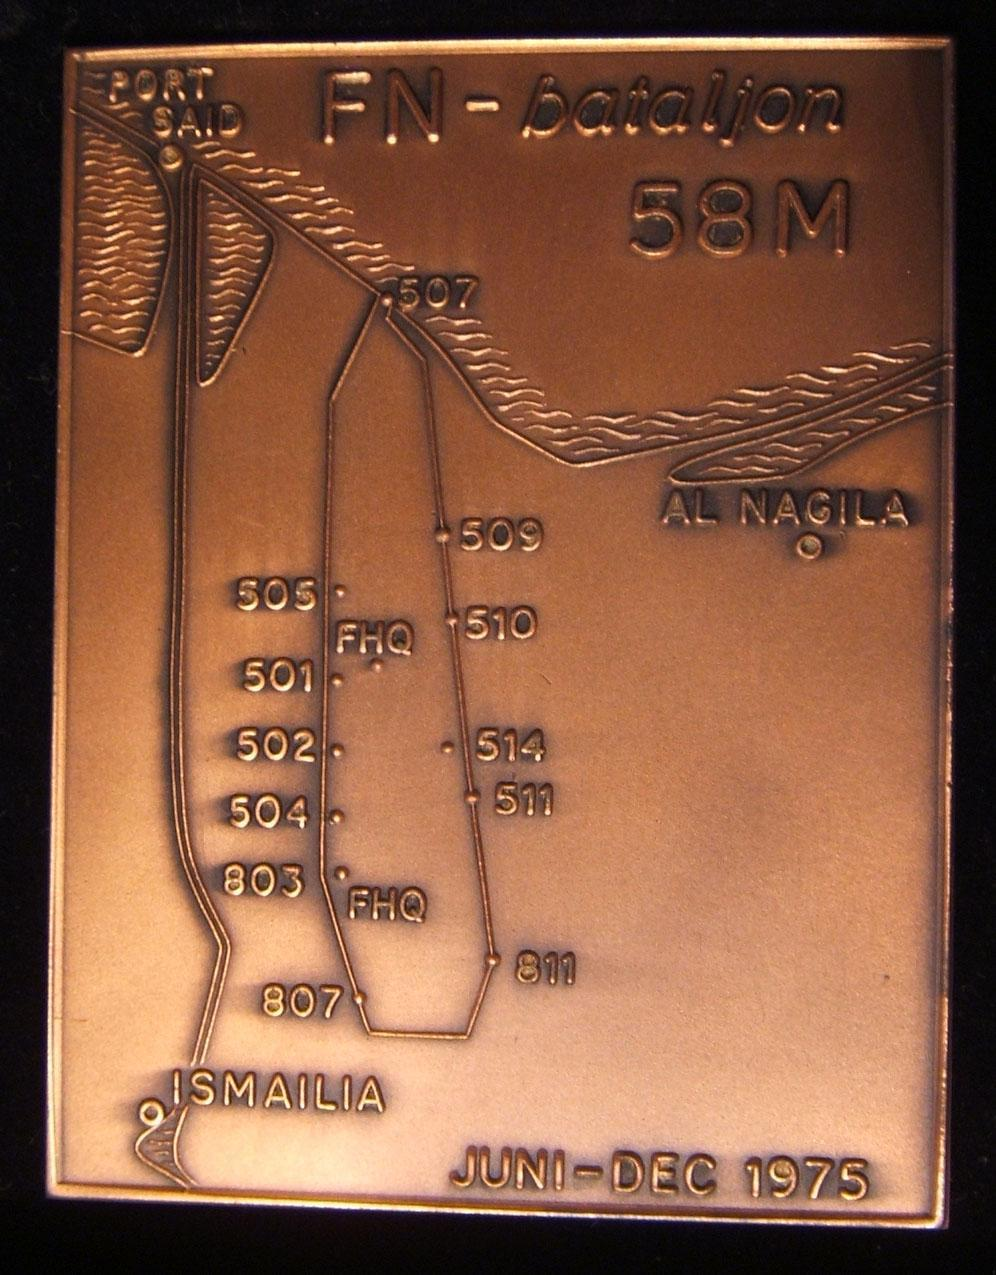 صحراء سيناء 58 م سويدبات السويدية UN كتيبة الخدمة التذكارية لوحة عام 1975